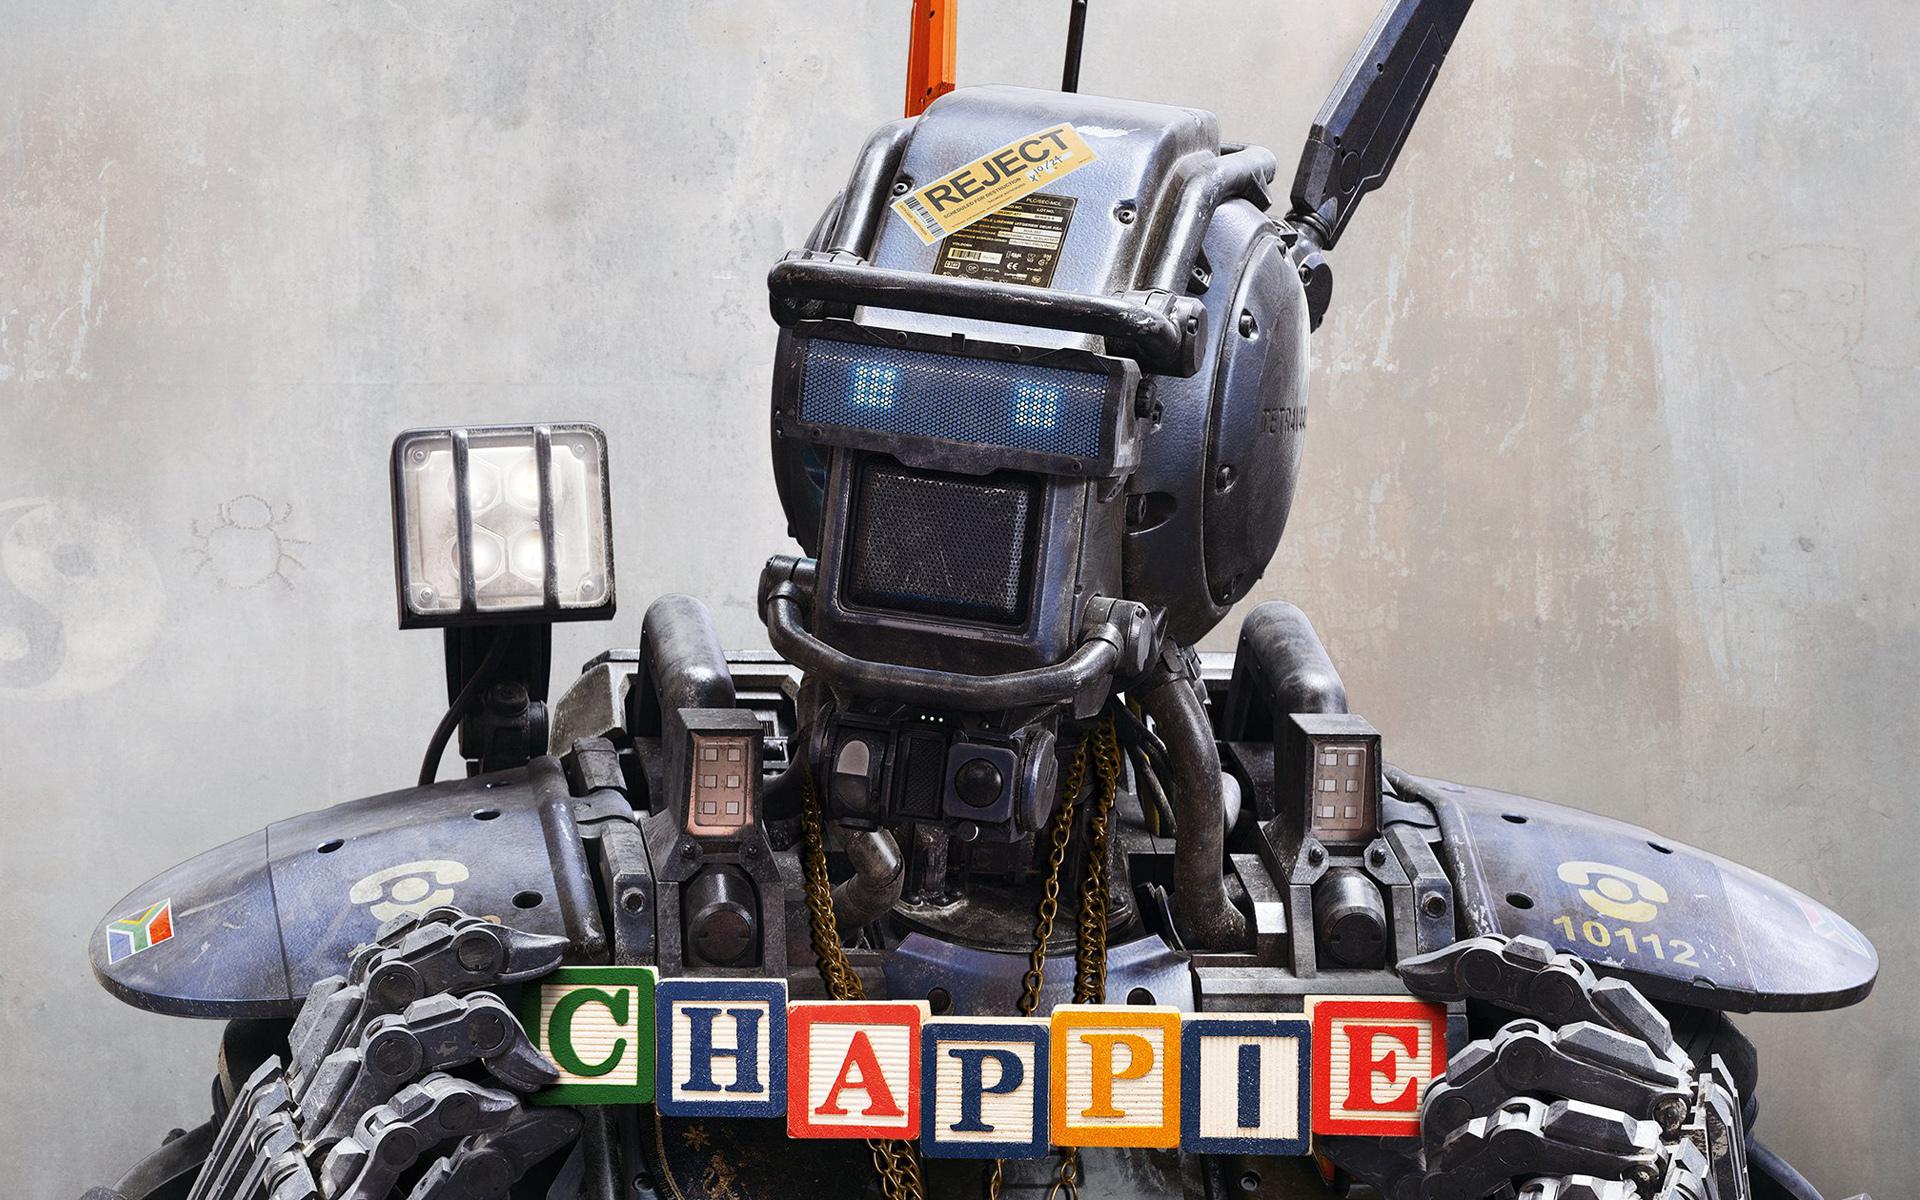 chappie-2015-movie.jpg